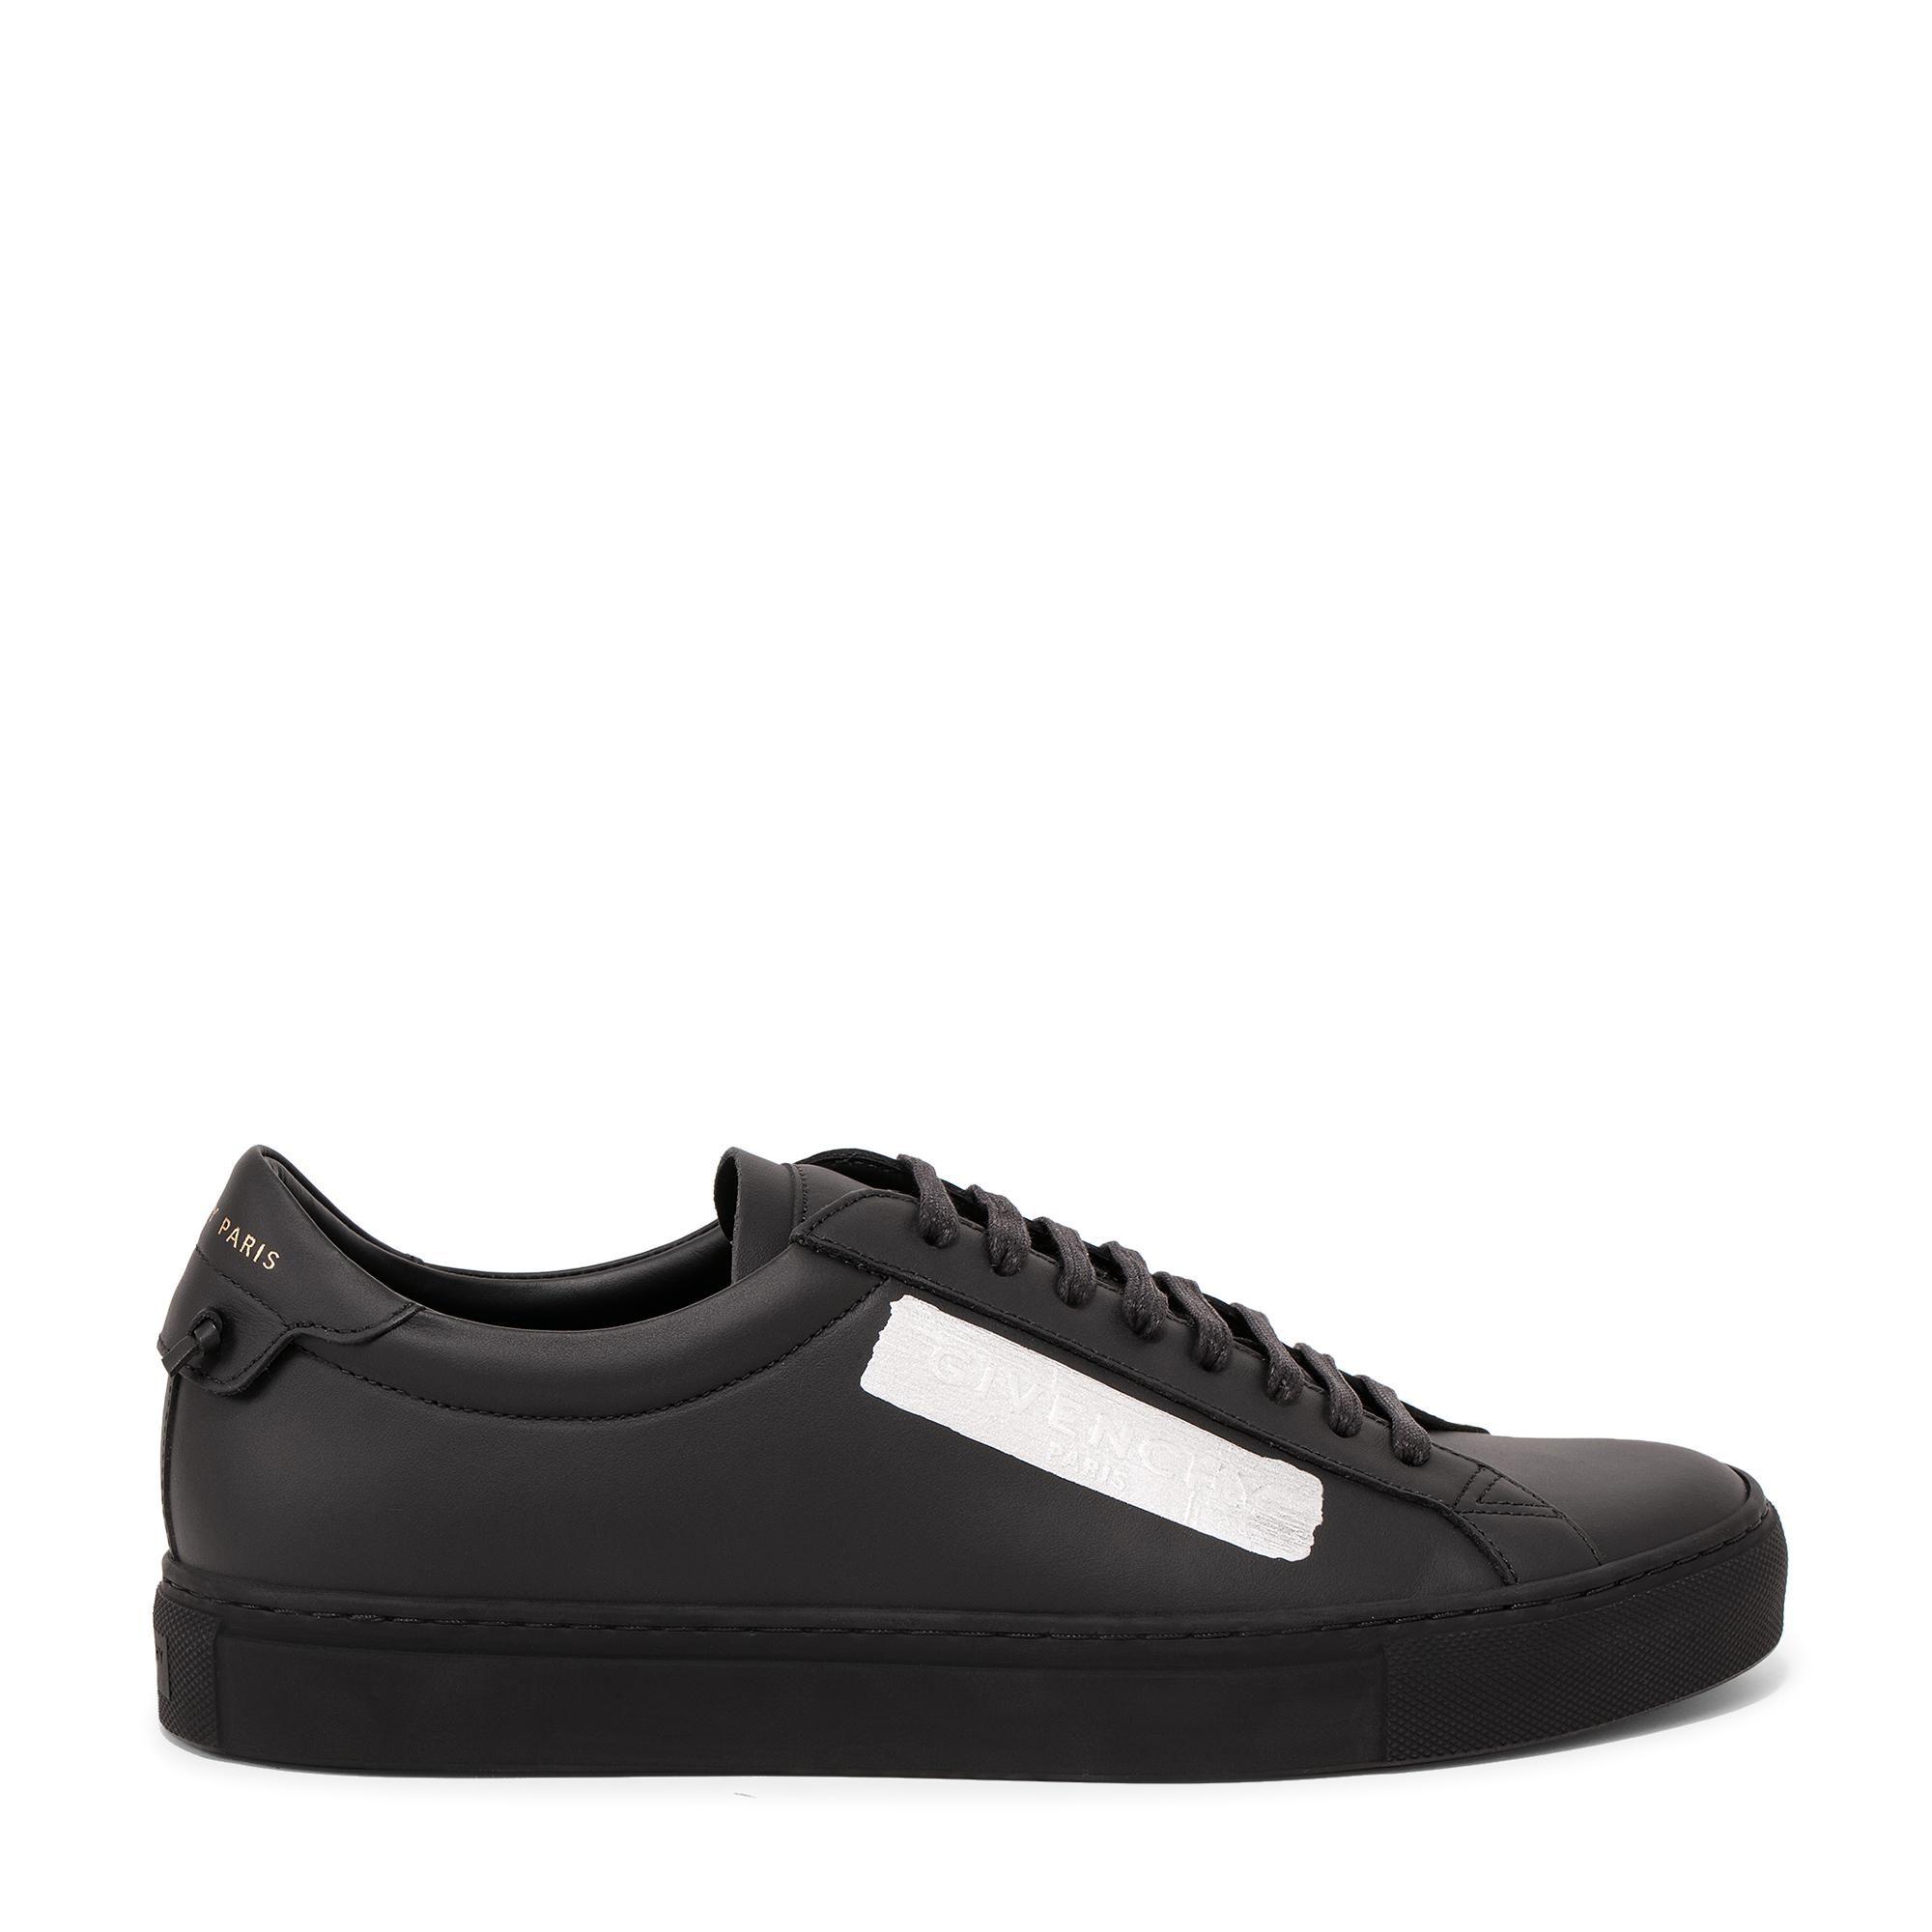 Urban Street sneakers